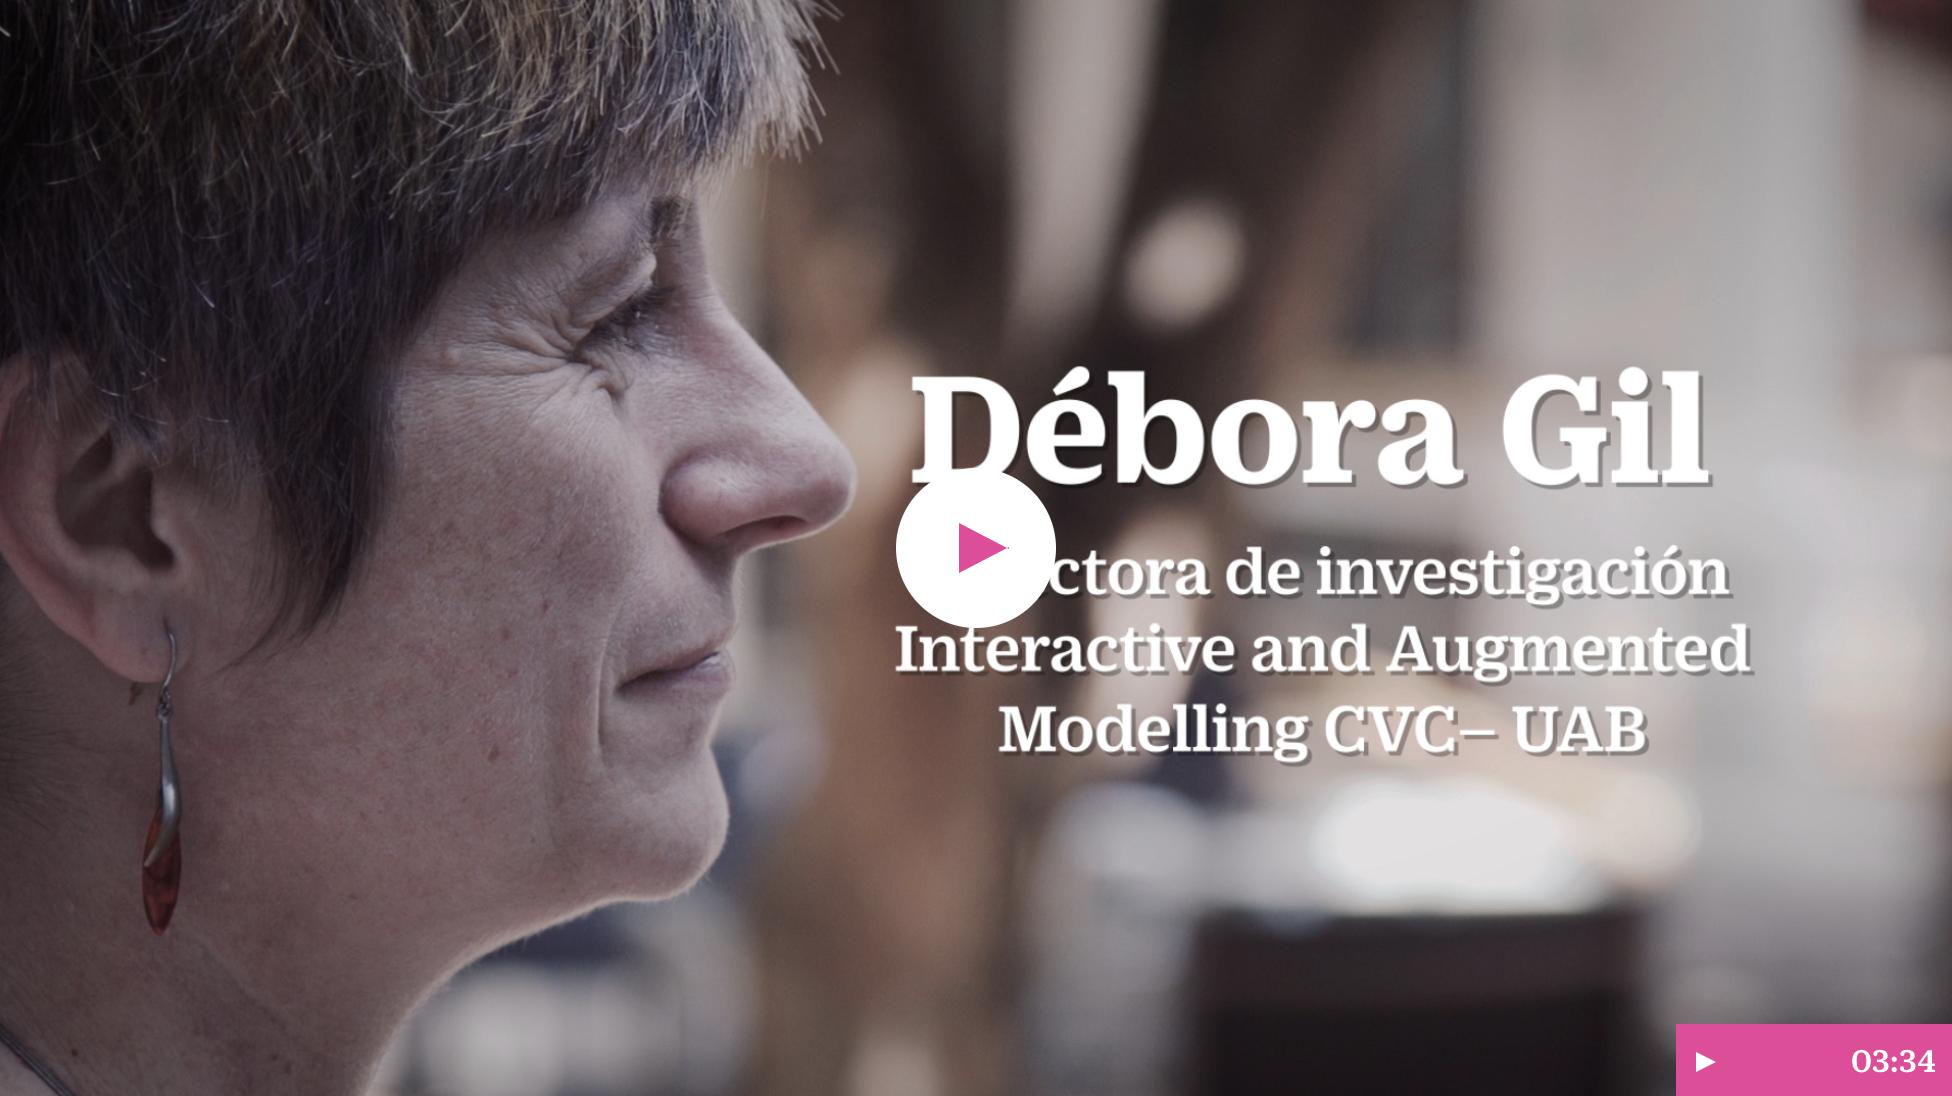 11-Debora Gil.png